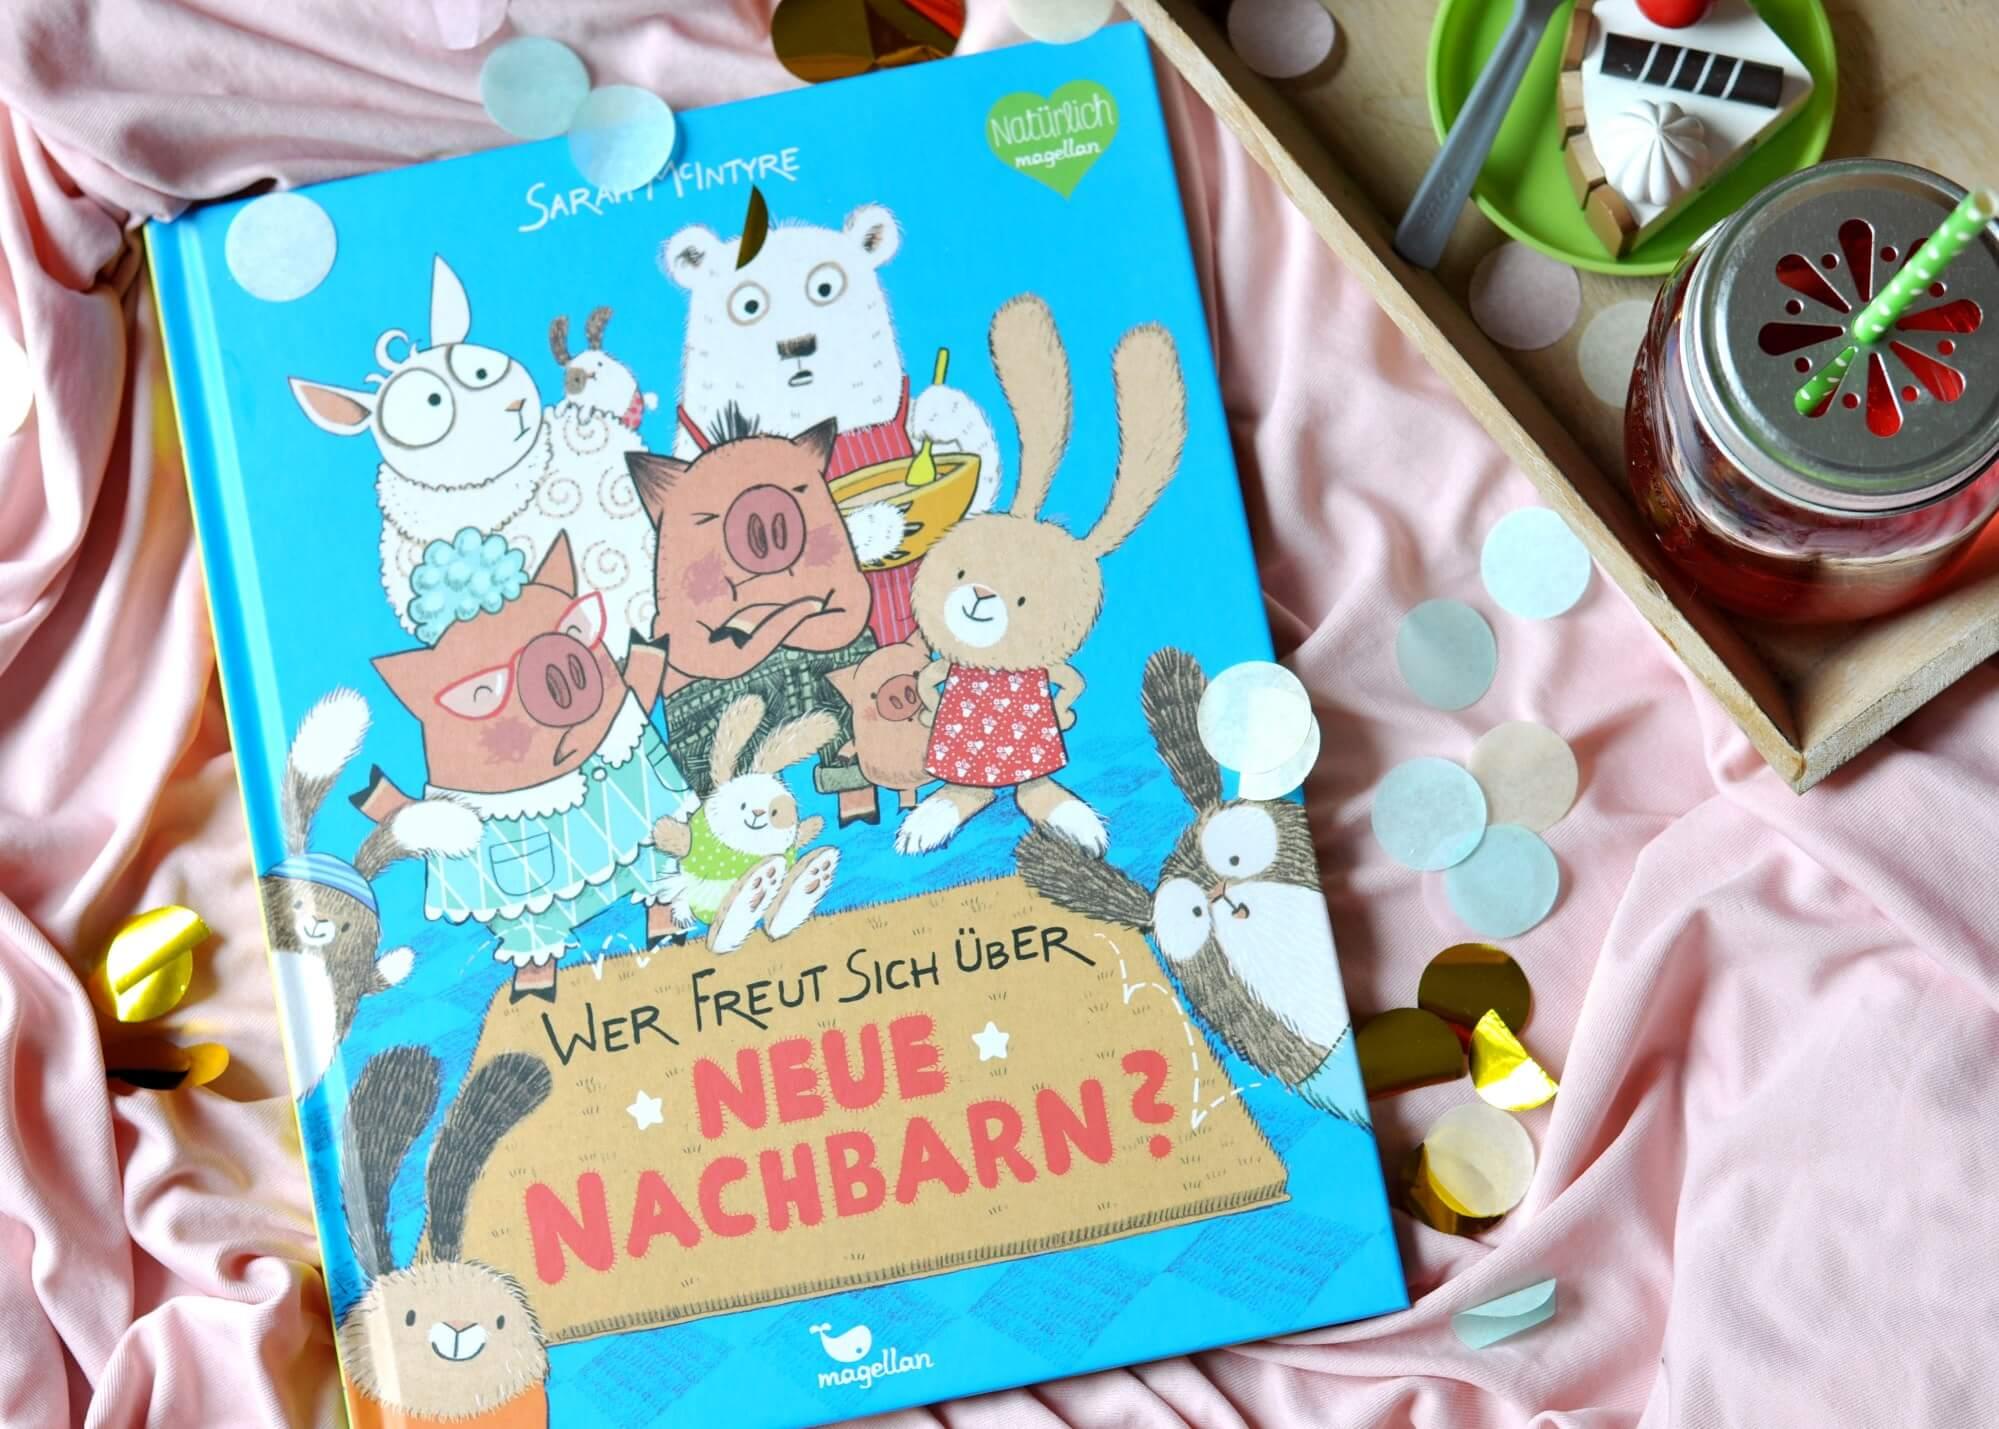 Wer freut sich über neue Nachbarn! Ein Buch gegen Vorurteile #kinderbuch #buch #vorurteile #toleranz #vorlsen #buchtipp